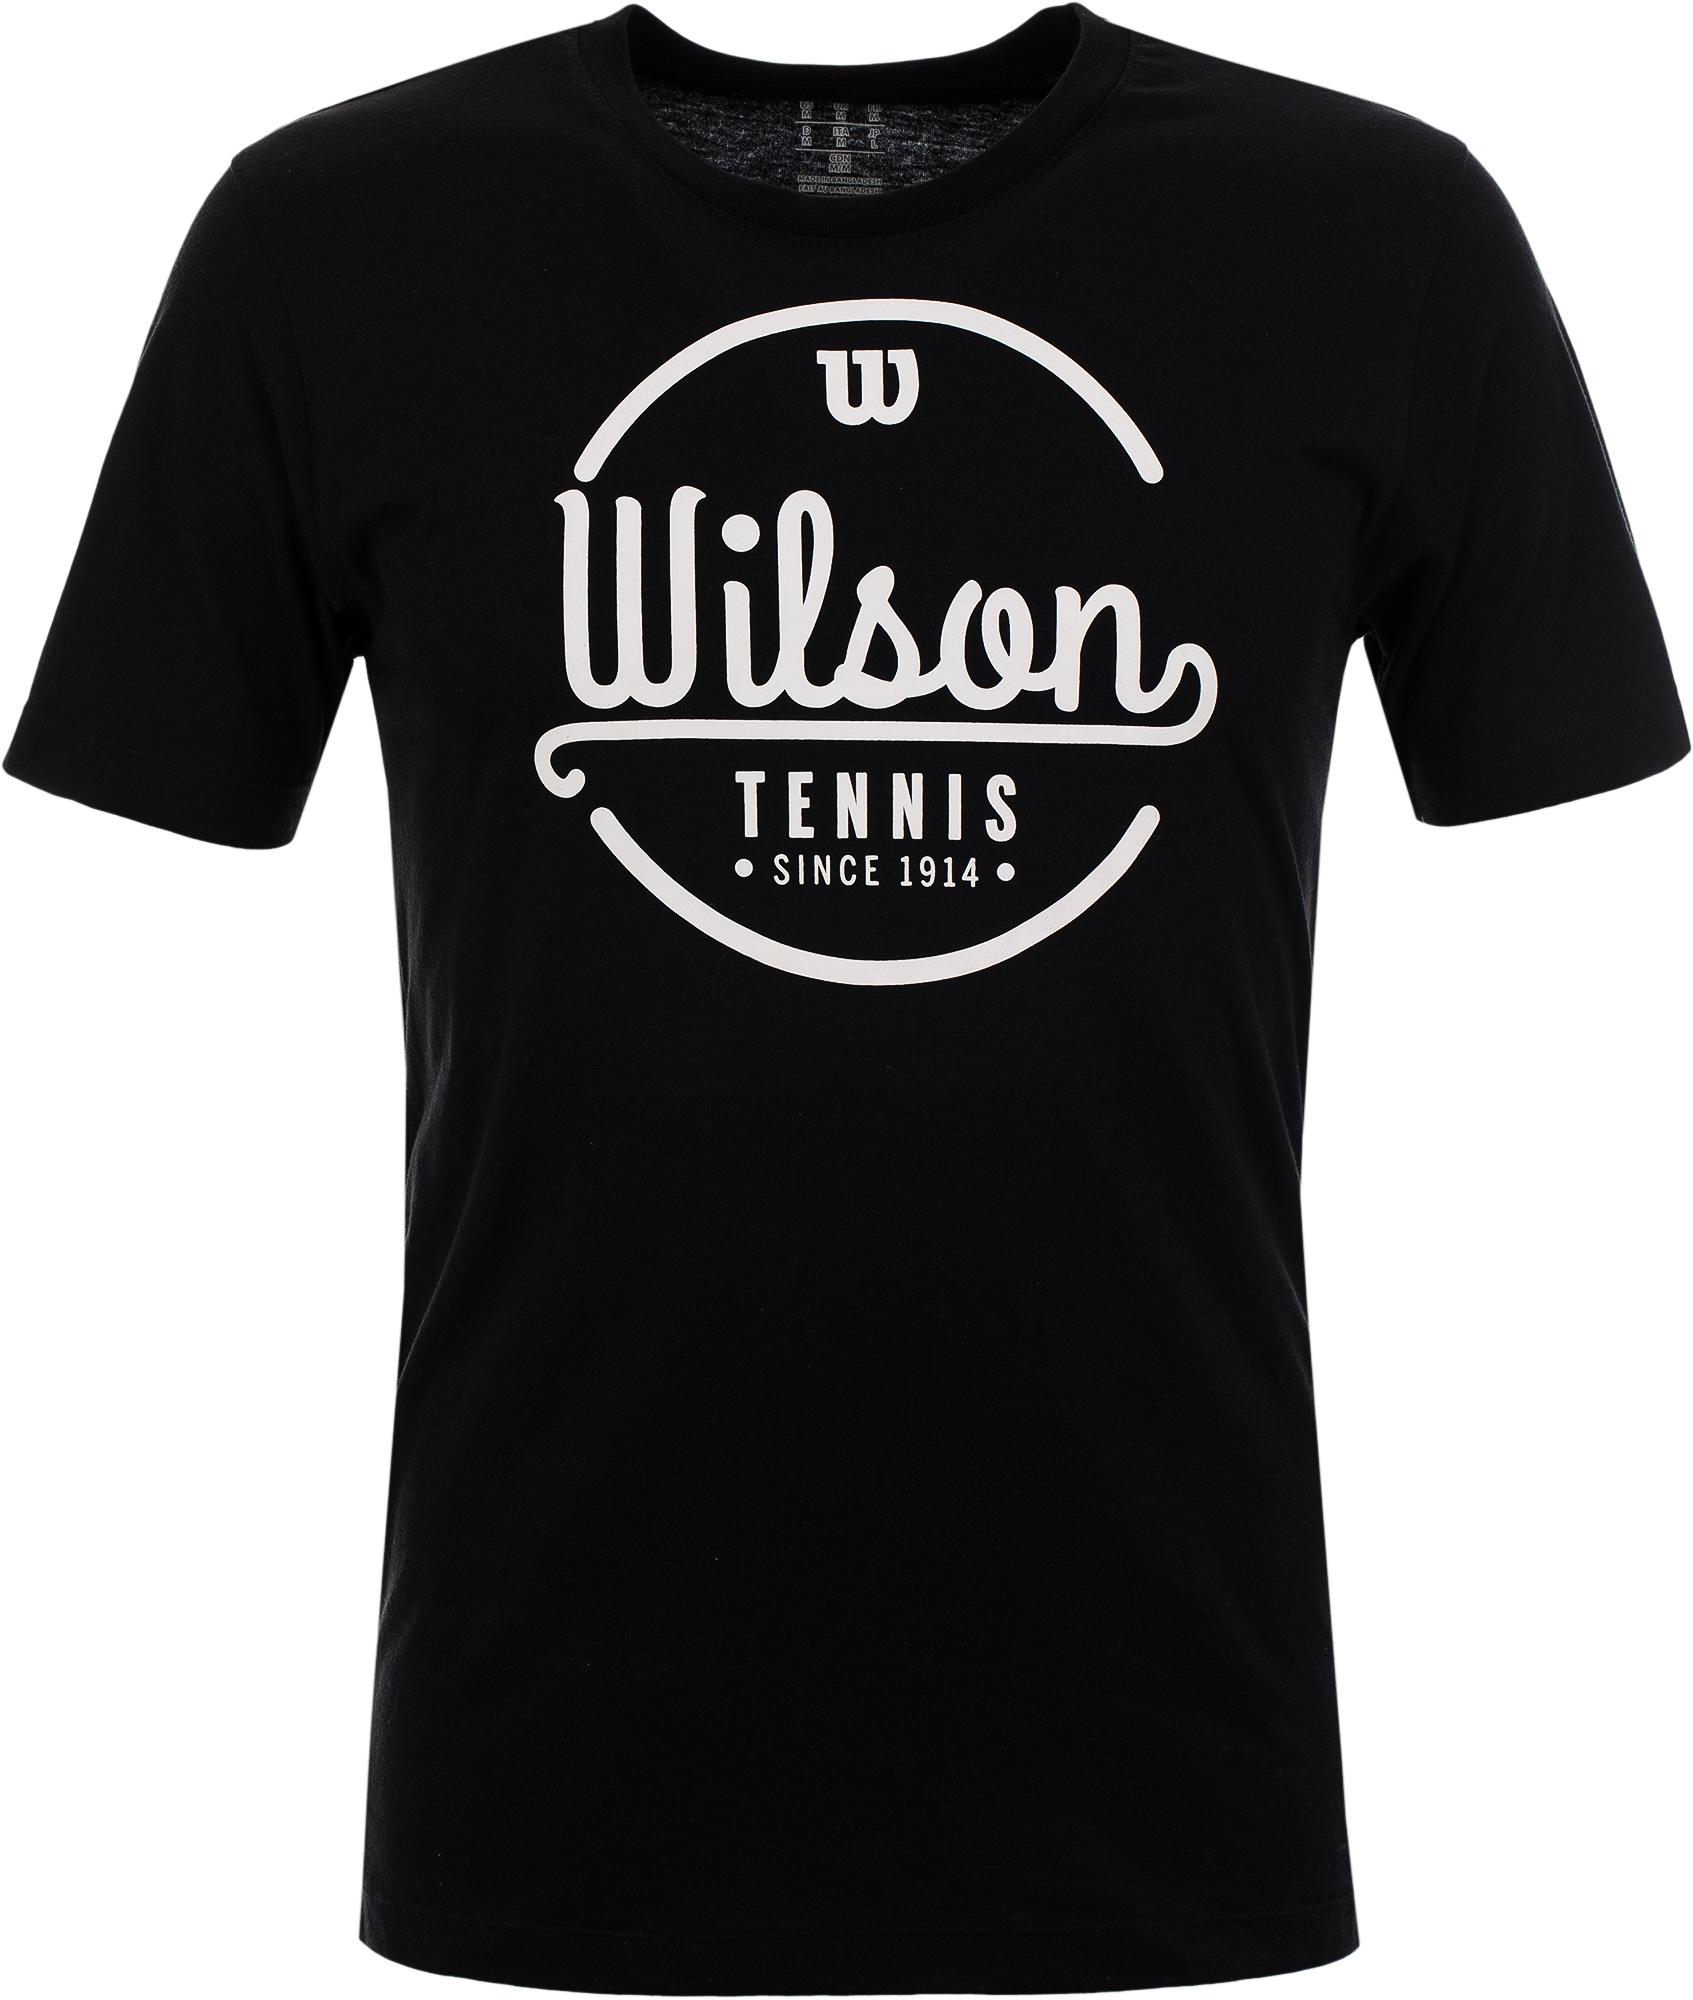 Wilson Футболка мужская Wilson Lineage Tech Tee, размер 58-60 все цены